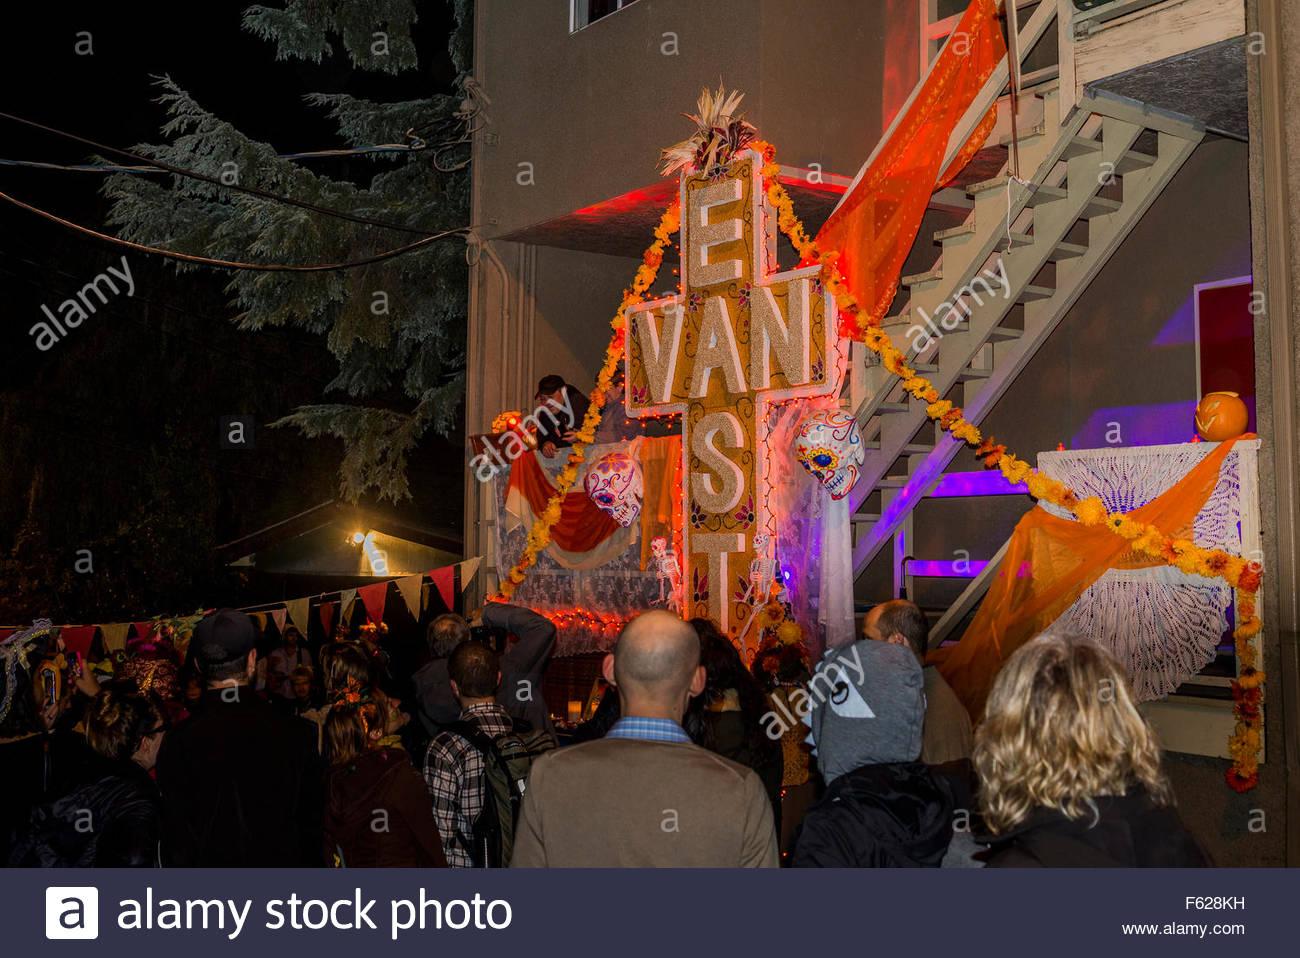 East Van Zeichen, Parade of Lost Souls Festival, Commercial Drive Bereich, Vancouver, Britisch-Kolumbien, Kanada Stockbild